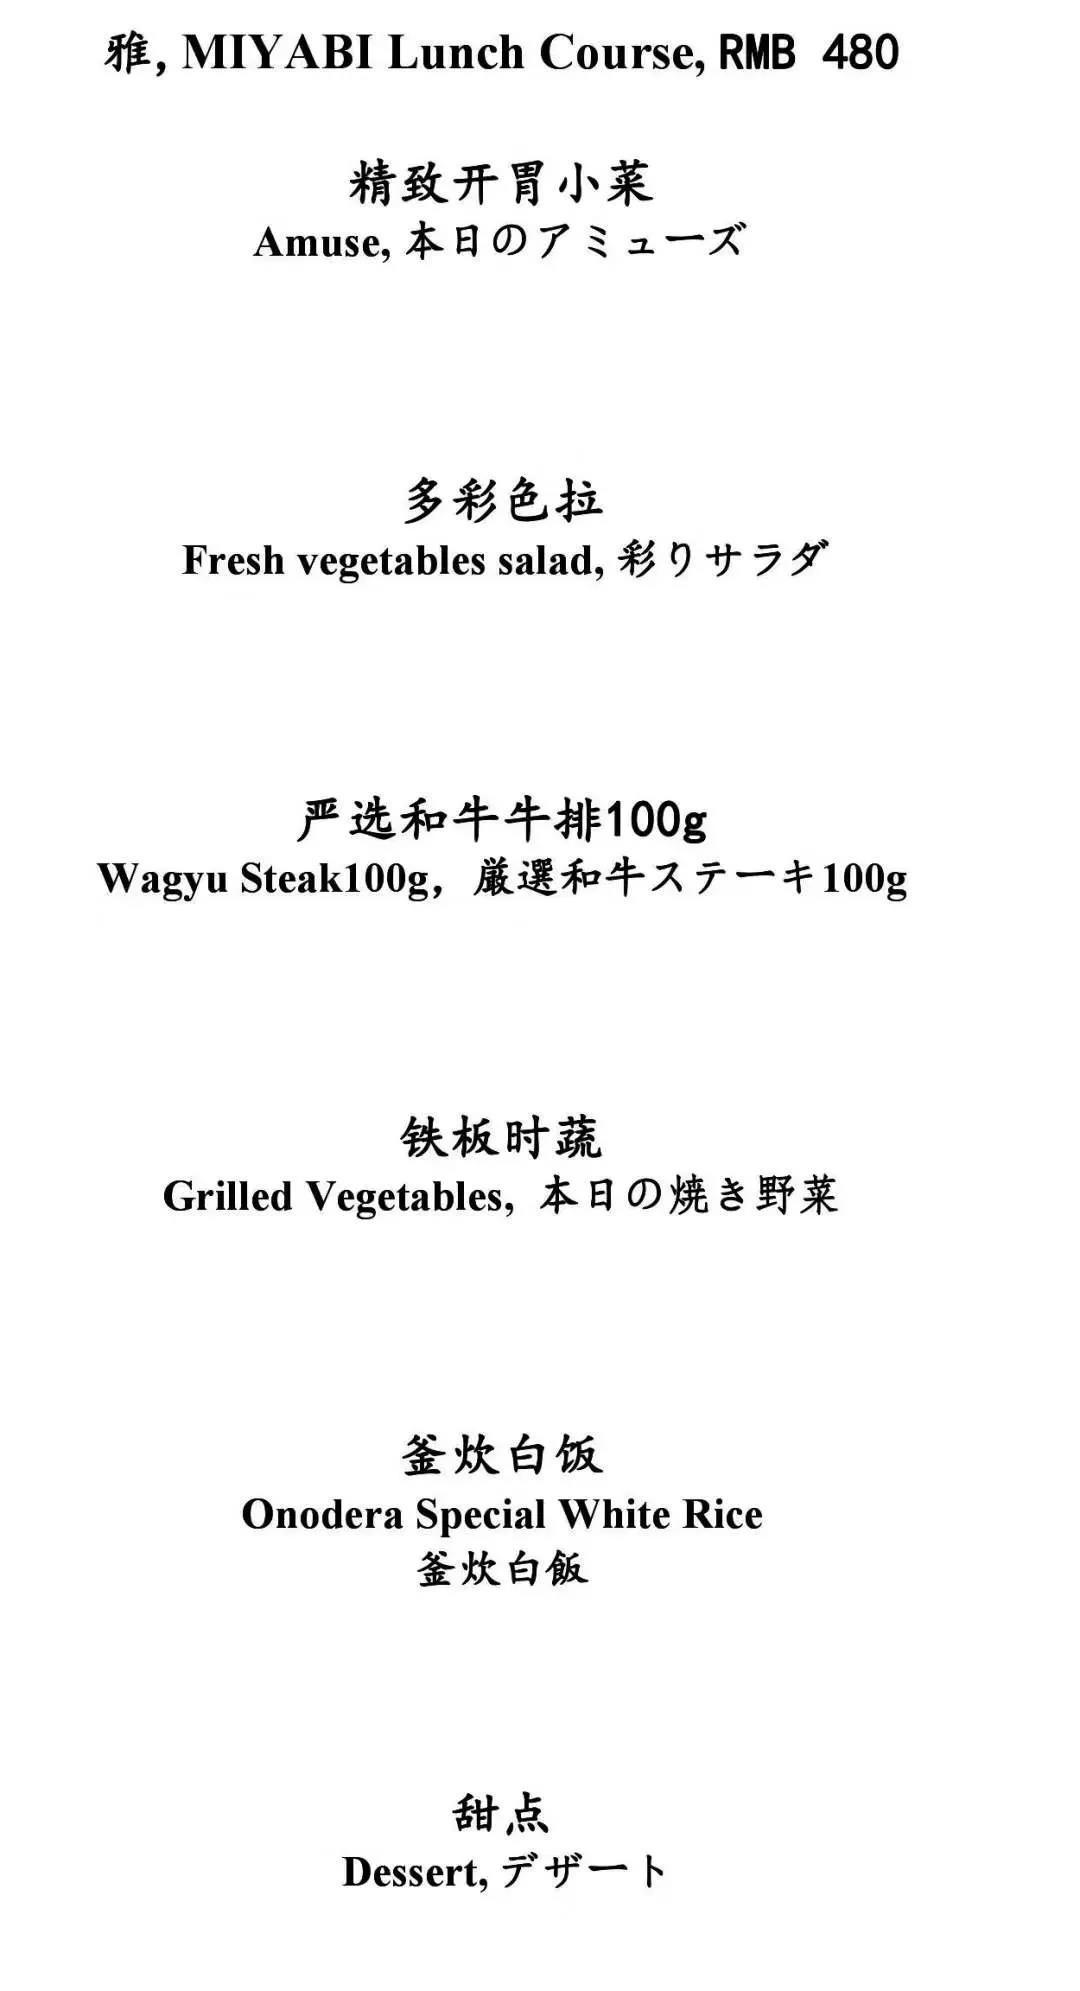 鉄板焼 [上海店] ランチメニュー3